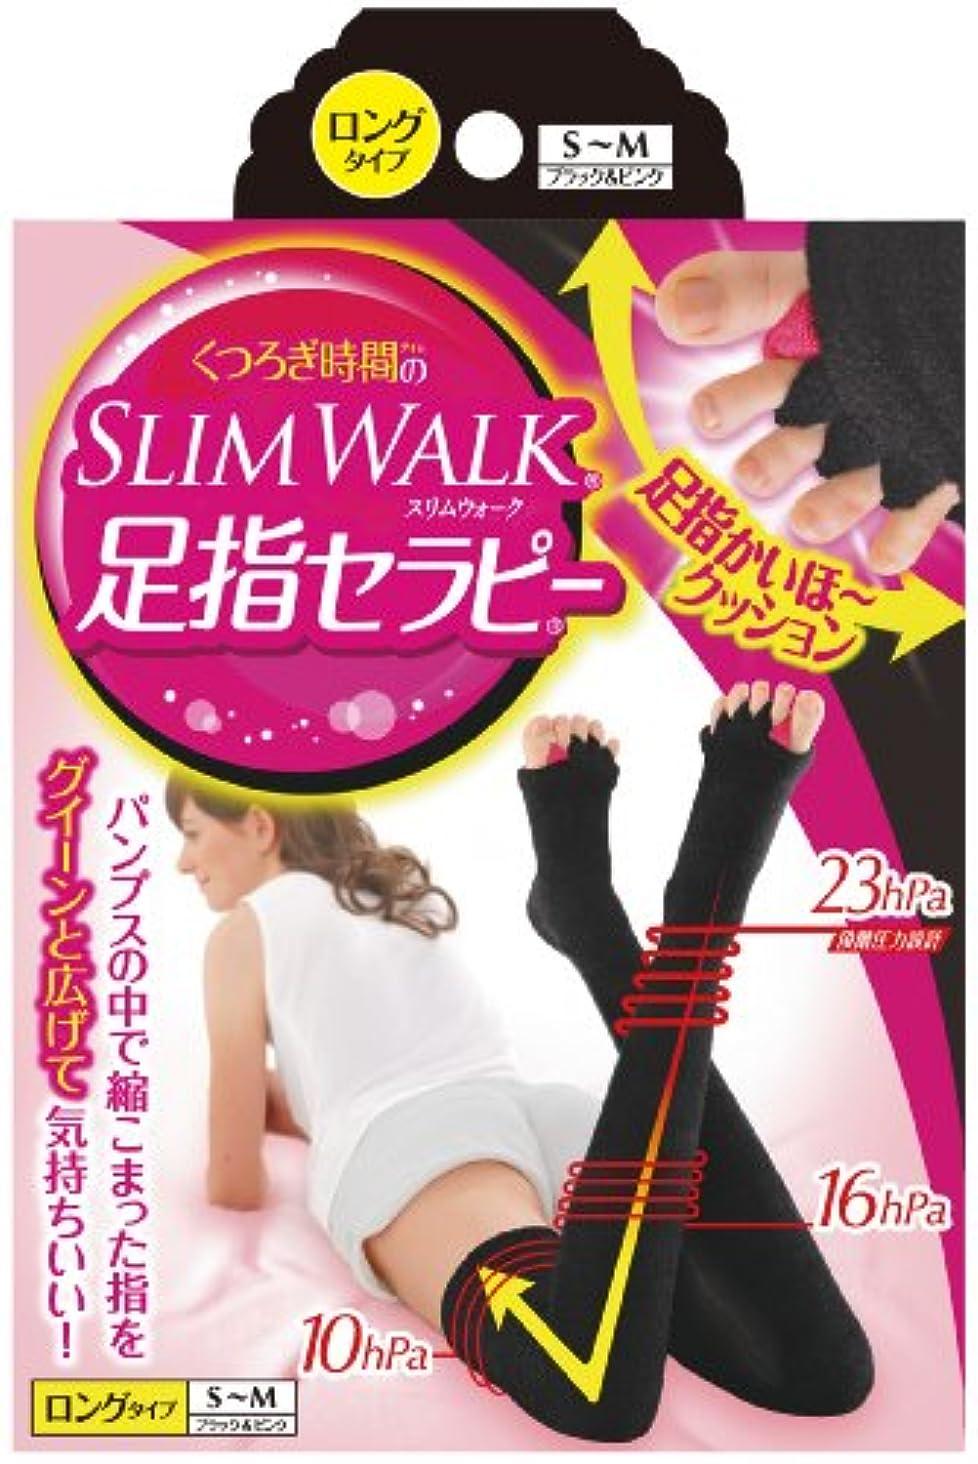 誰も一致する不道徳スリムウォーク 足指セラピー (冬用) ロングタイプ S-Mサイズ ブラック&ピンク(SLIMWALK,split open-toe socks,SM)